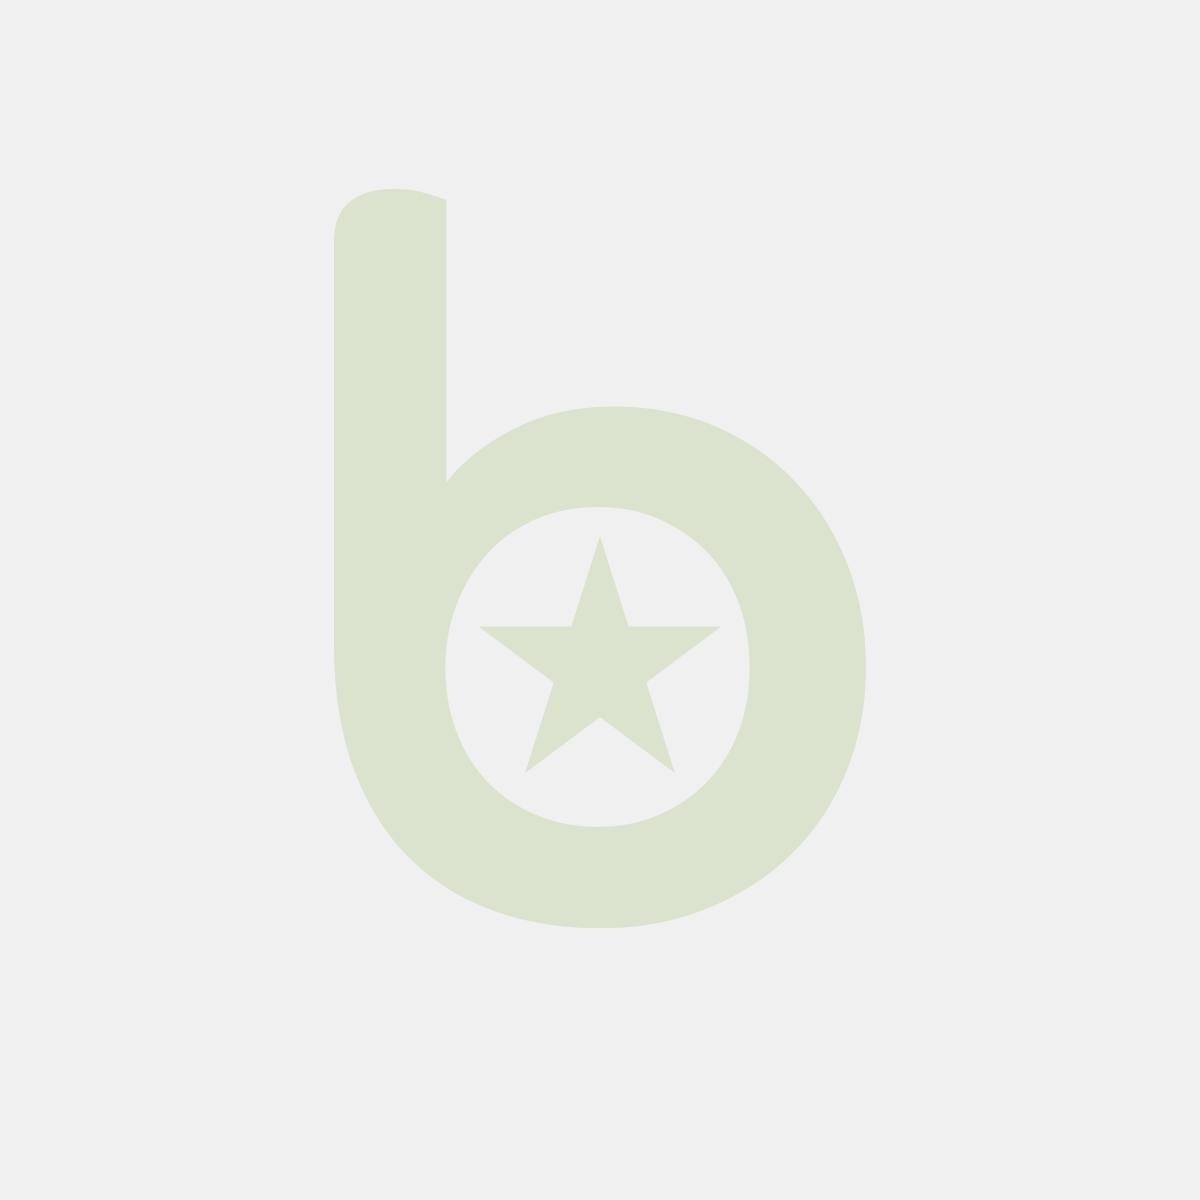 Syfon Do Bitej Śmietany Kurt Scheller Edition Niebieski